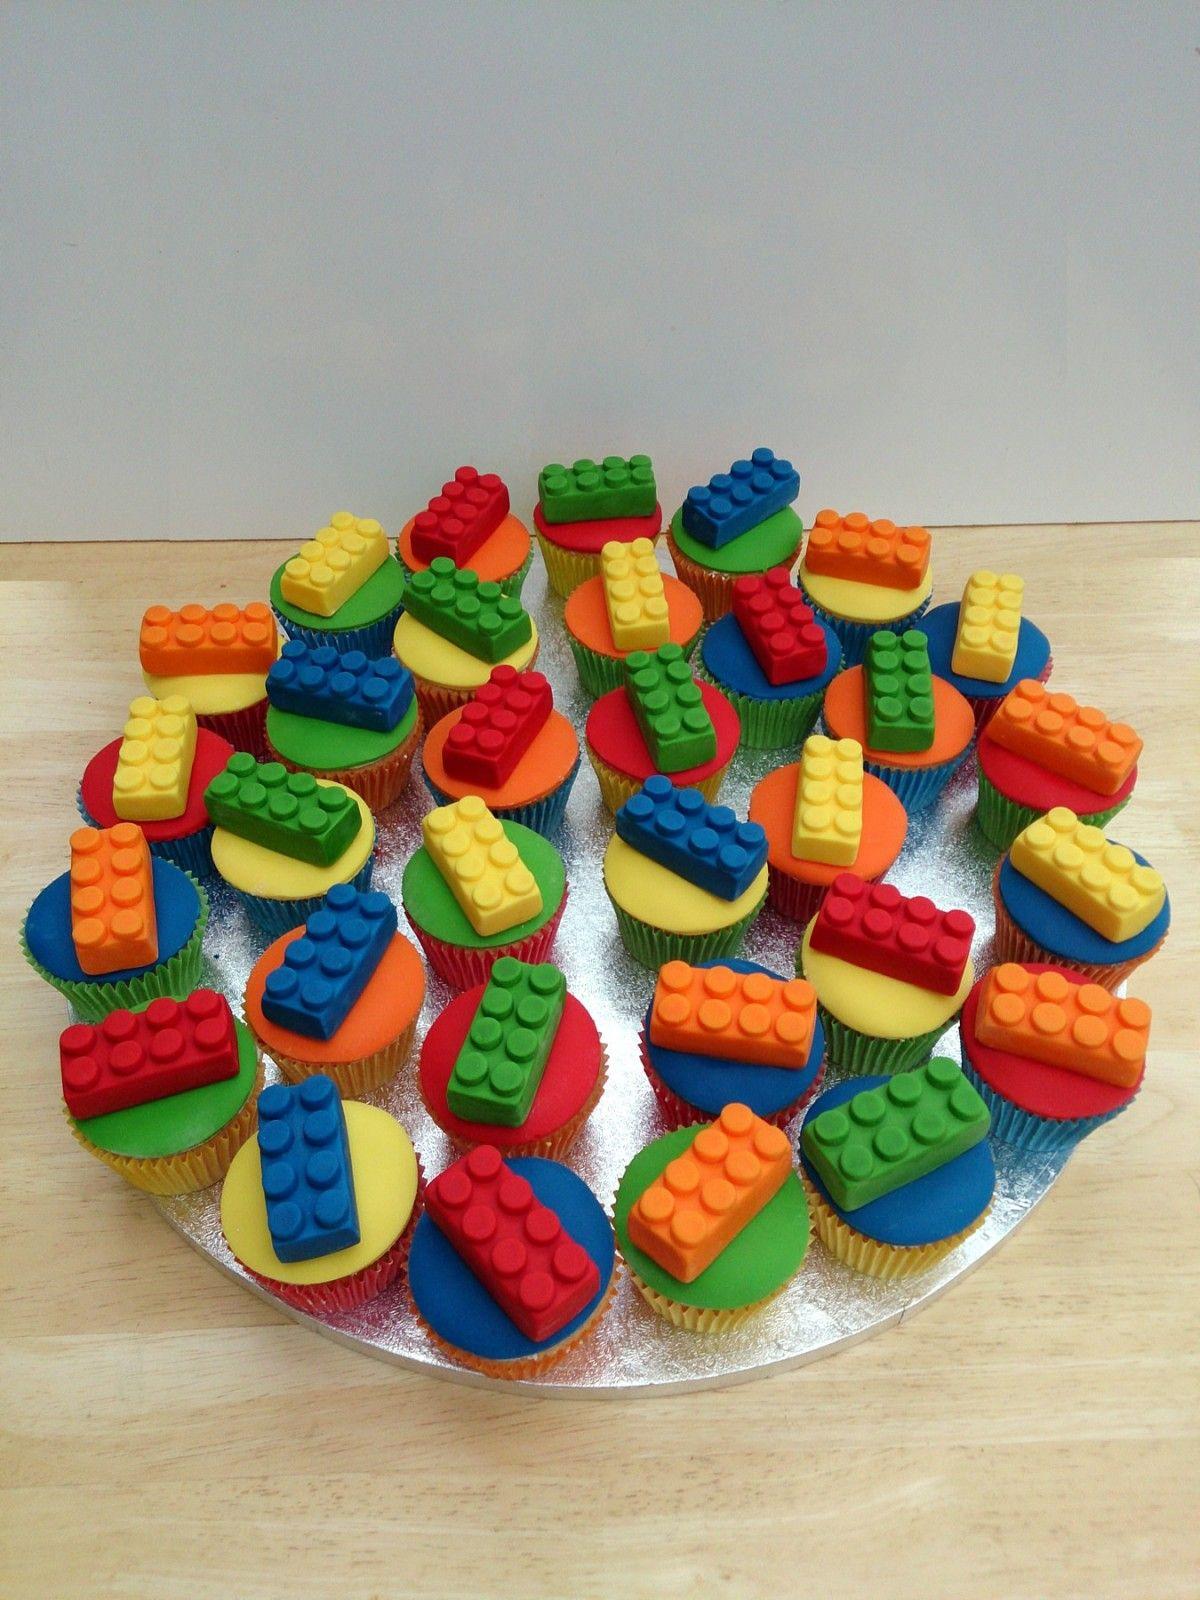 Lego Cupcakes Walmart Party Ideas Lego Cupcakes